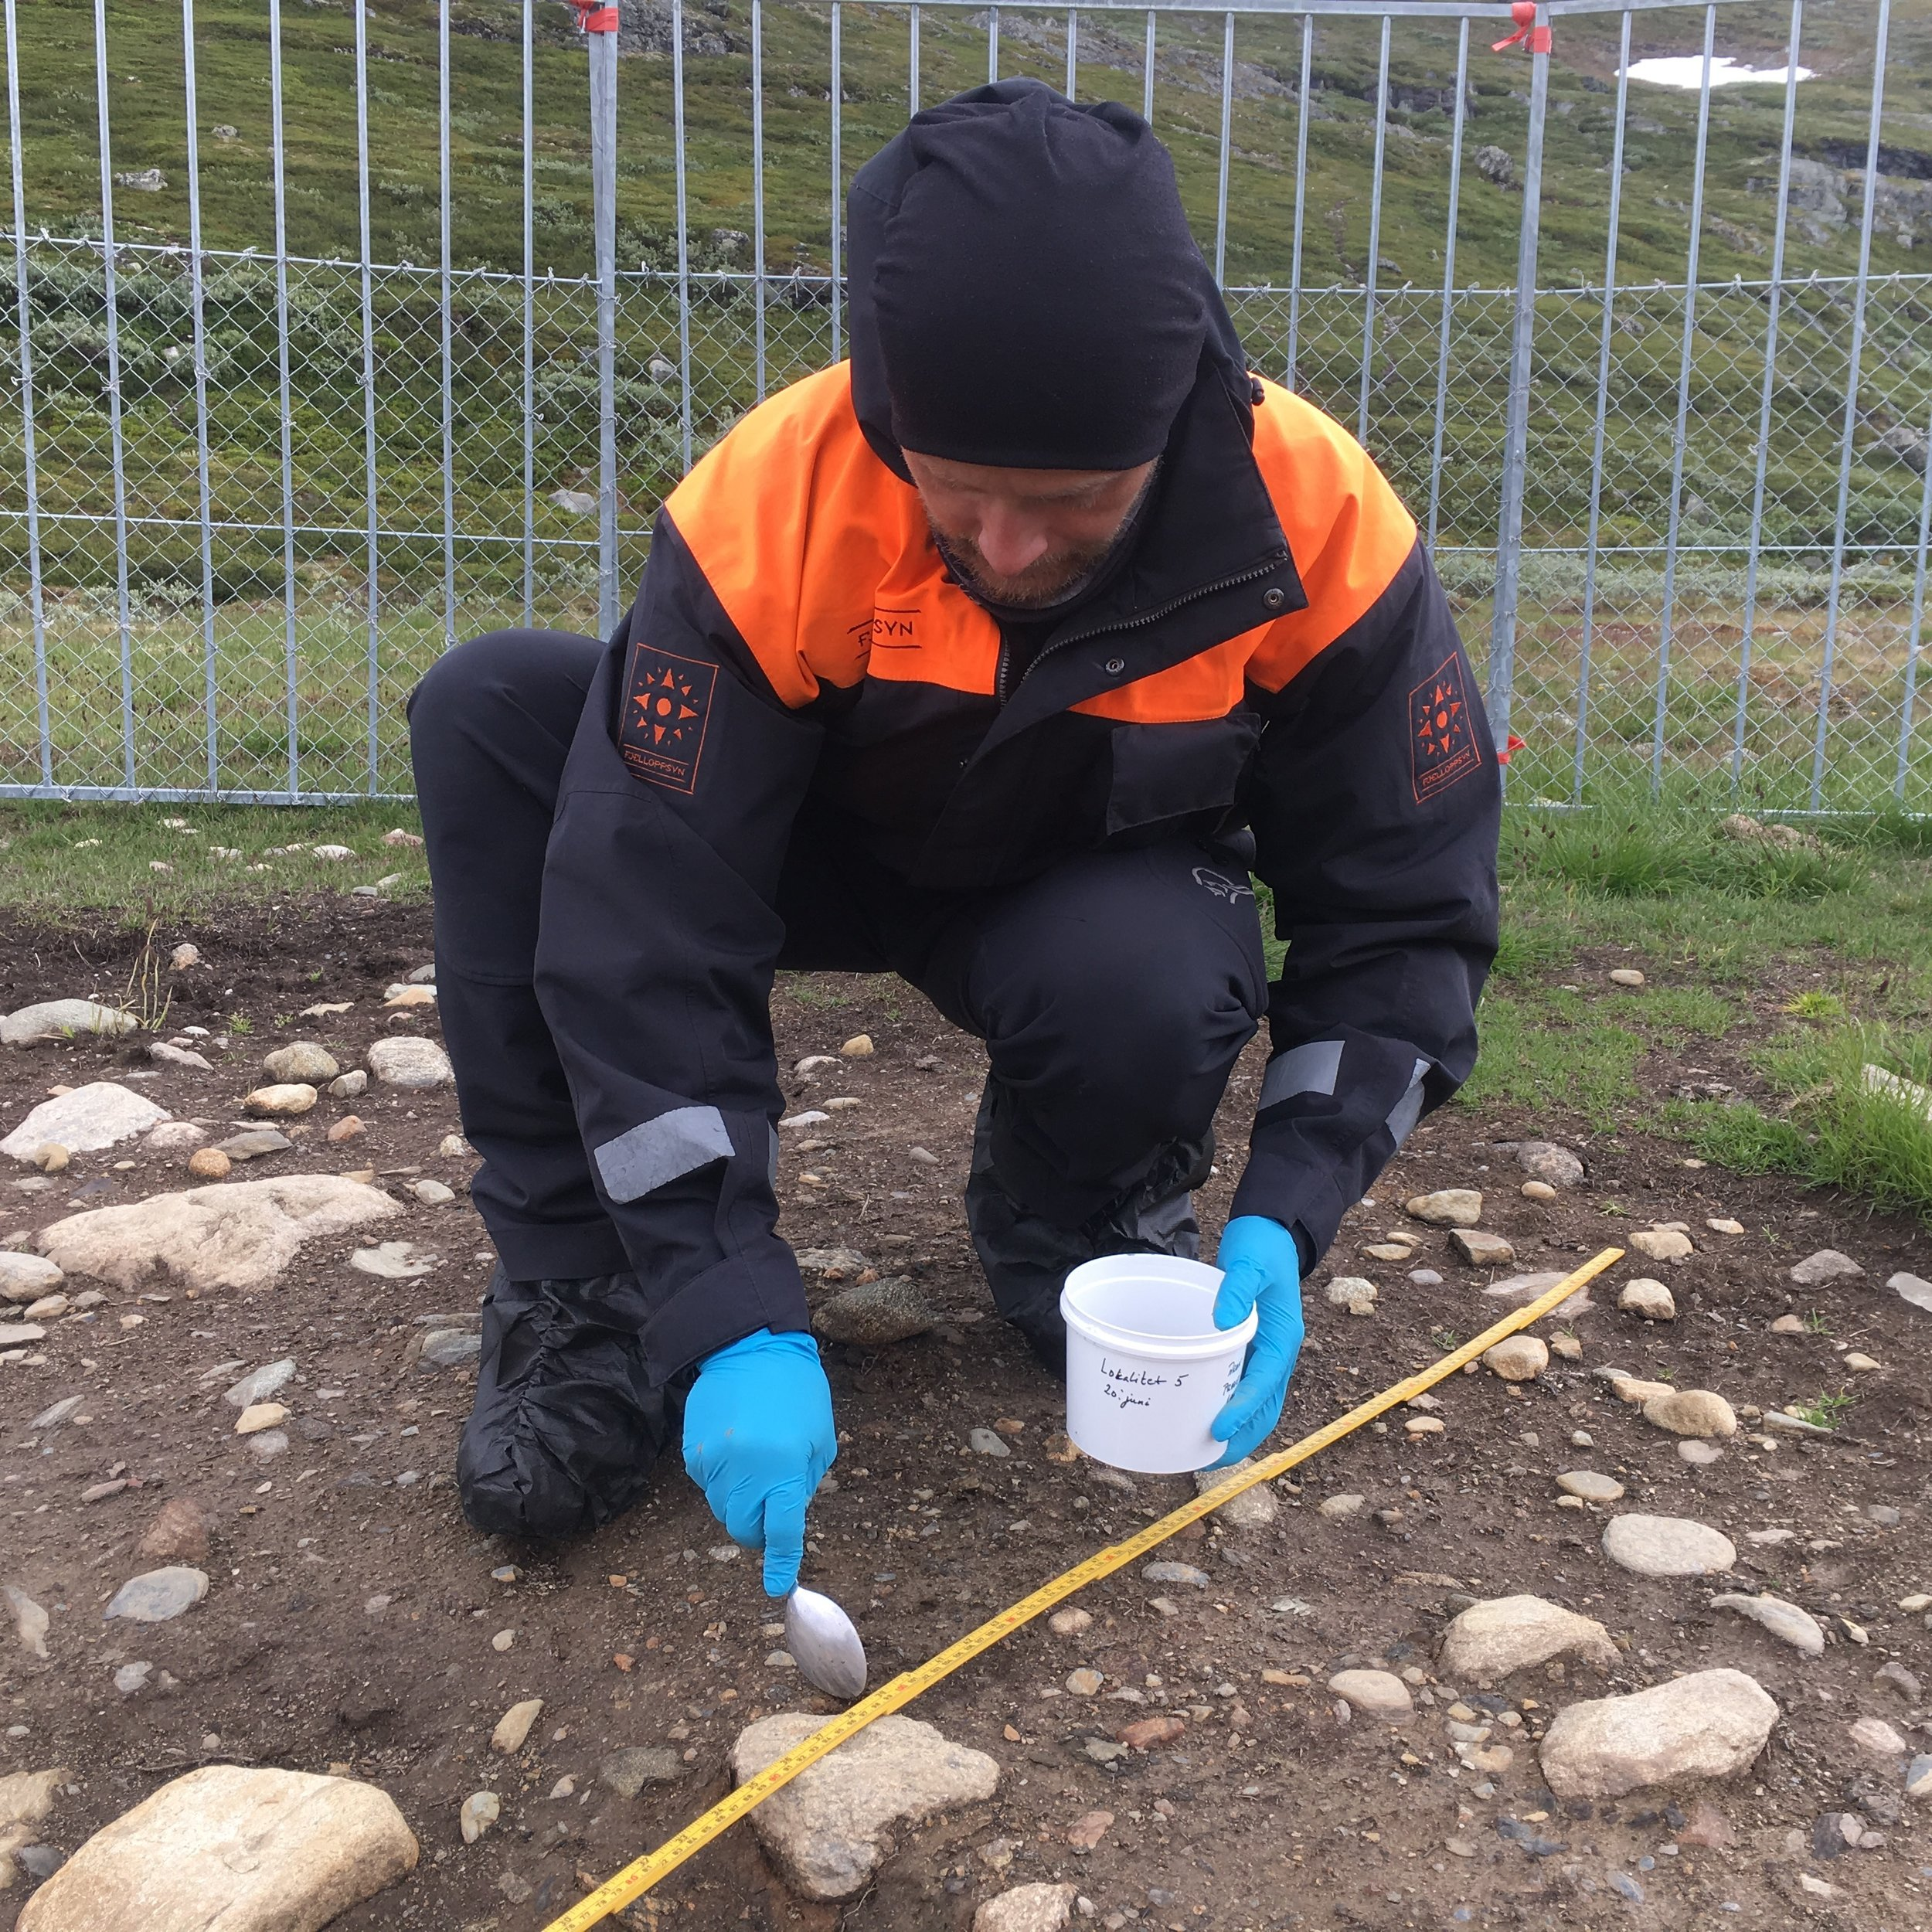 Aron Freyr Gudmundsson, Fjelloppsyn i Aurland fjellstyre, under arbeid med prøvetaking på ein salteplass.